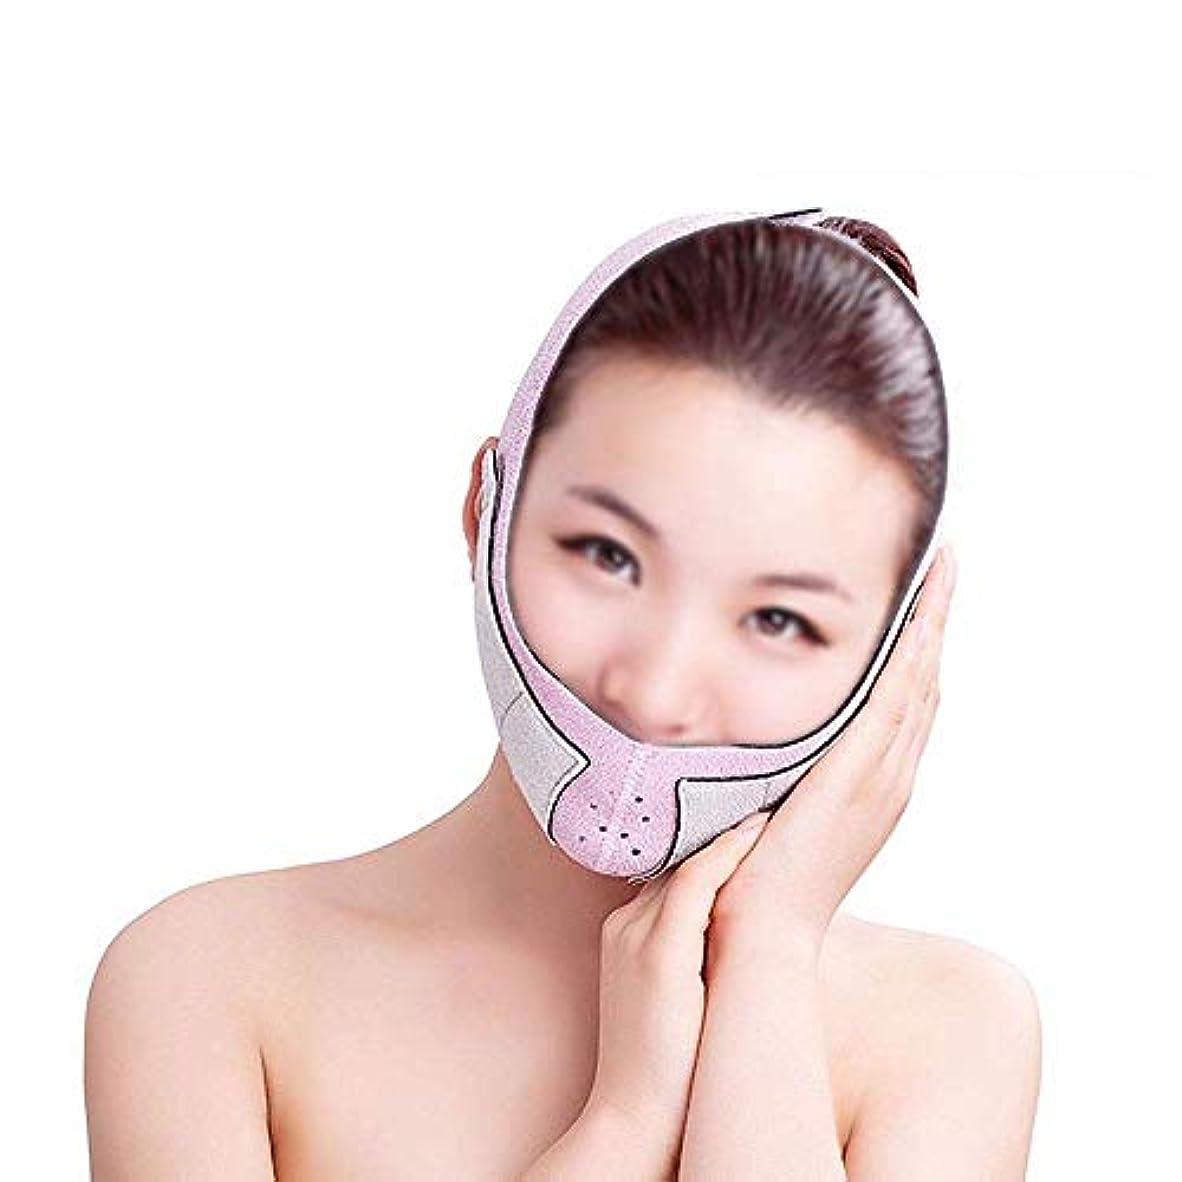 ネブ原始的なジャングルフェイスリフトマスク、スリミングベルト薄いフェイスマスク強力なリフティング小さなV顔薄い顔包帯美容顔リフティングデバイス